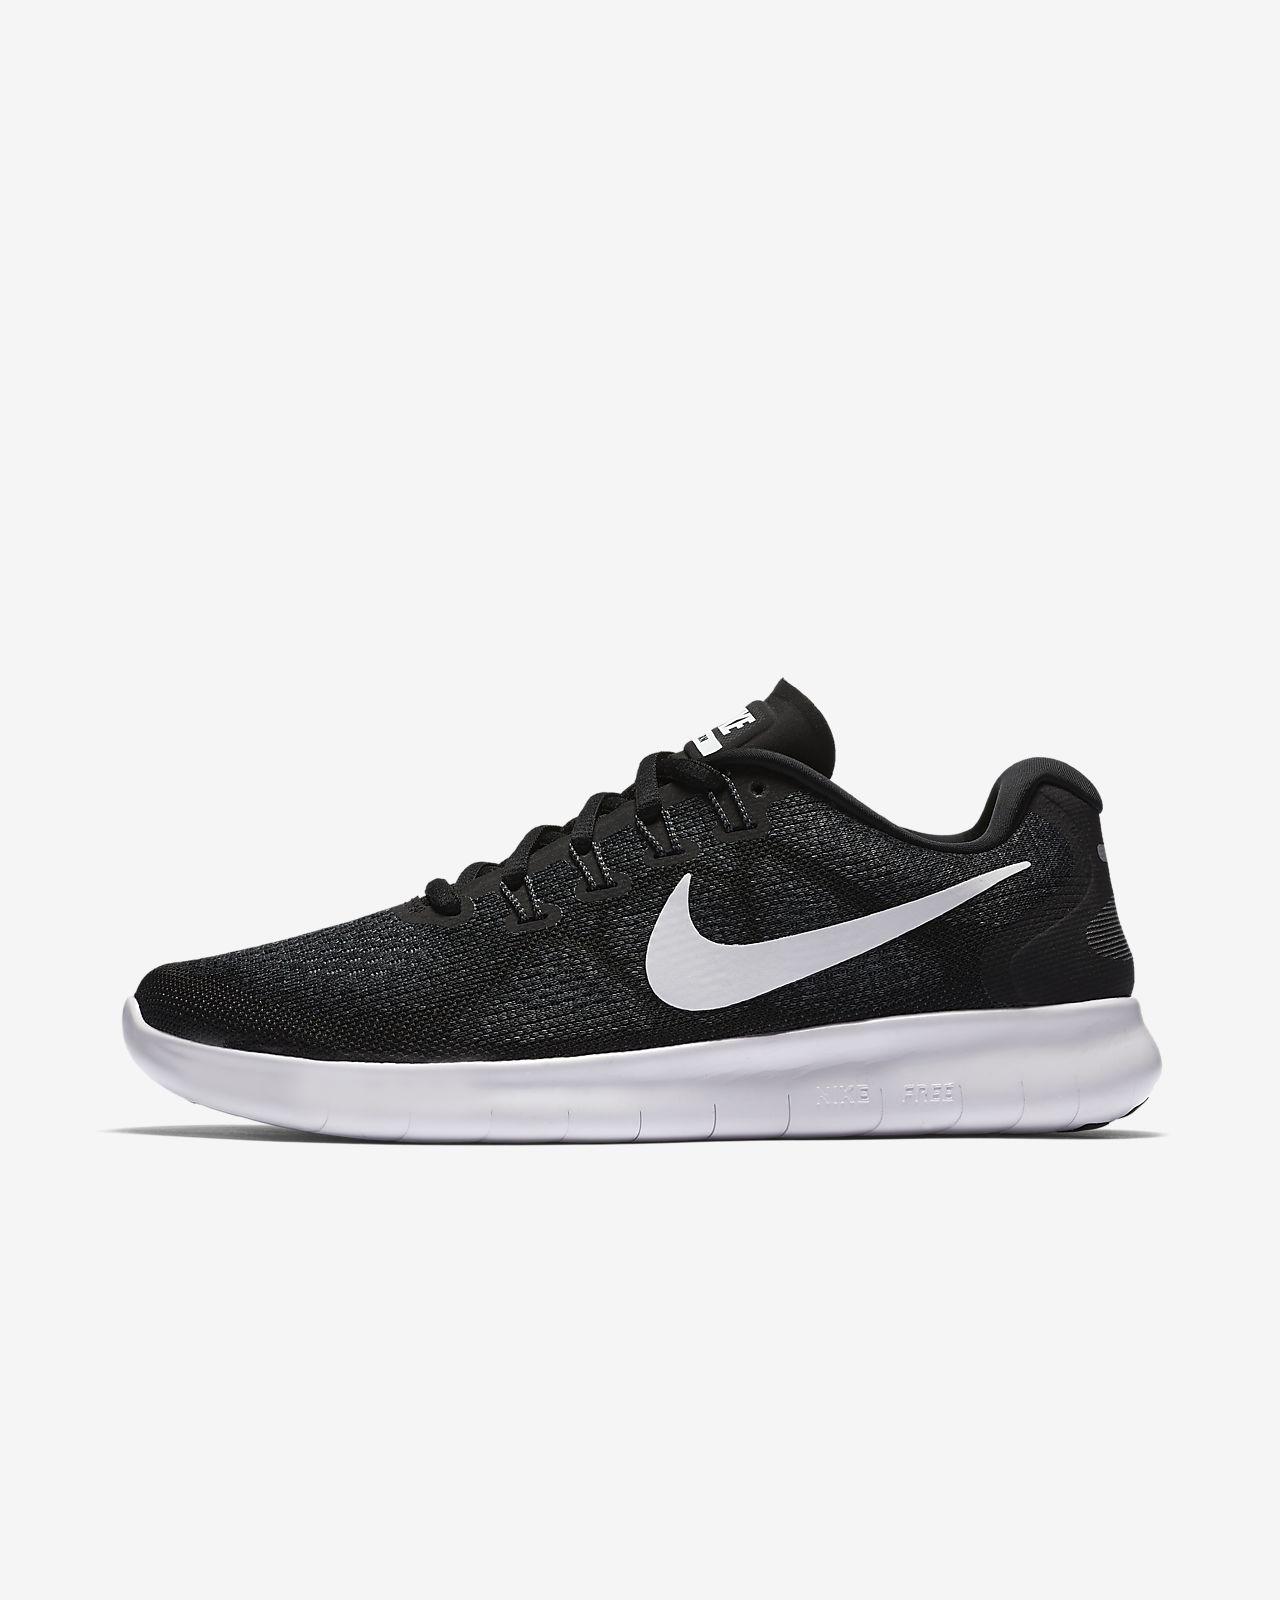 864d60a60f8 Nike Free RN 2017 Women s Running Shoe. Nike.com NL